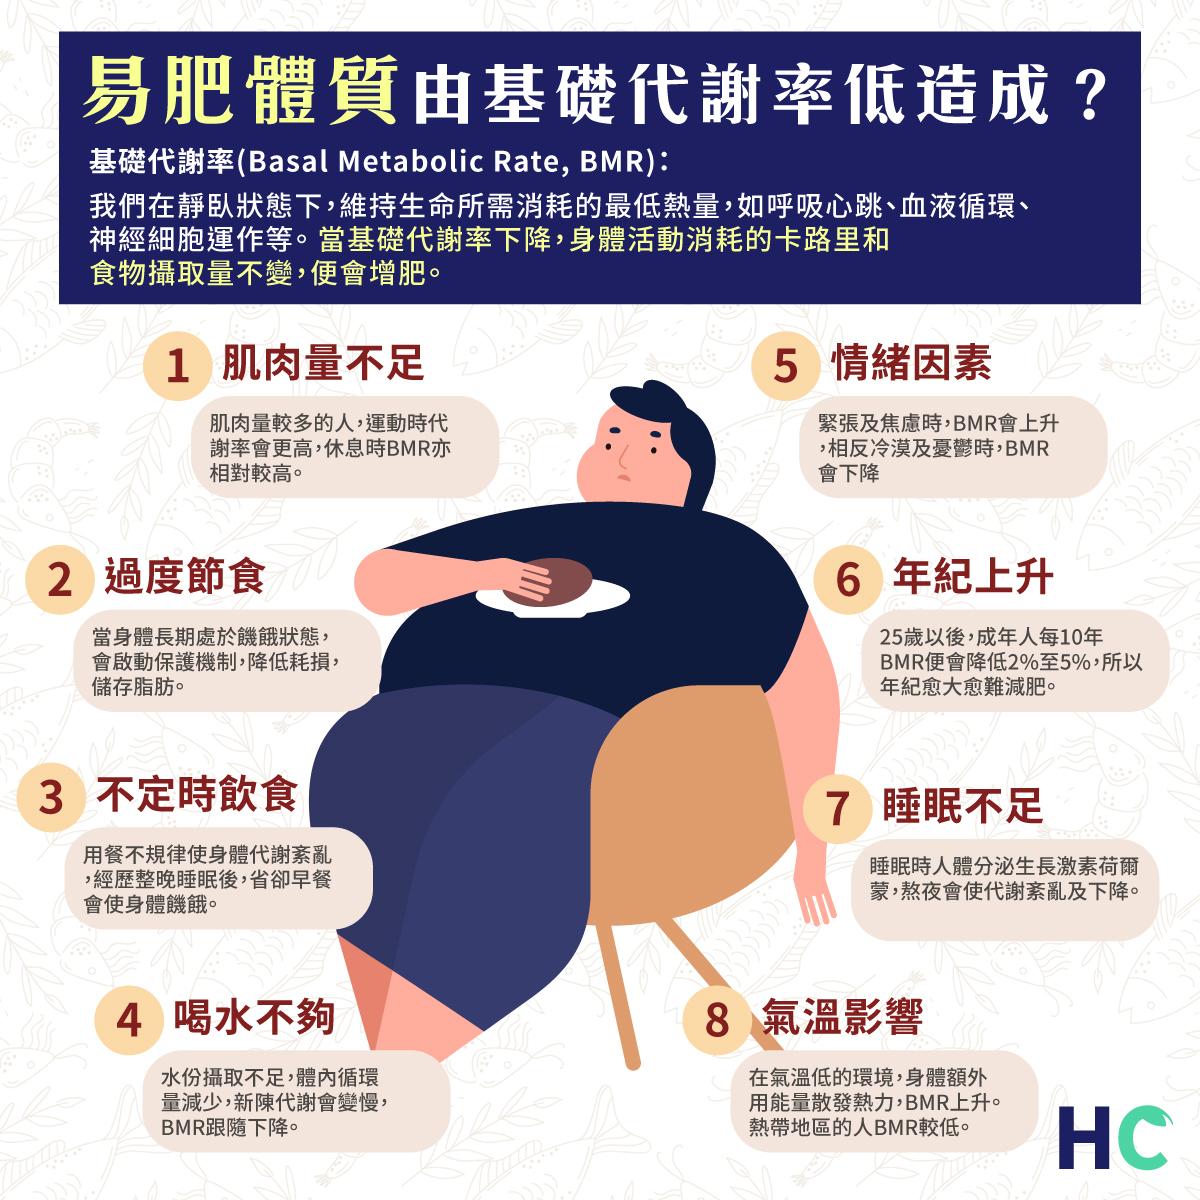 易肥體質  由基礎代謝率低造成?